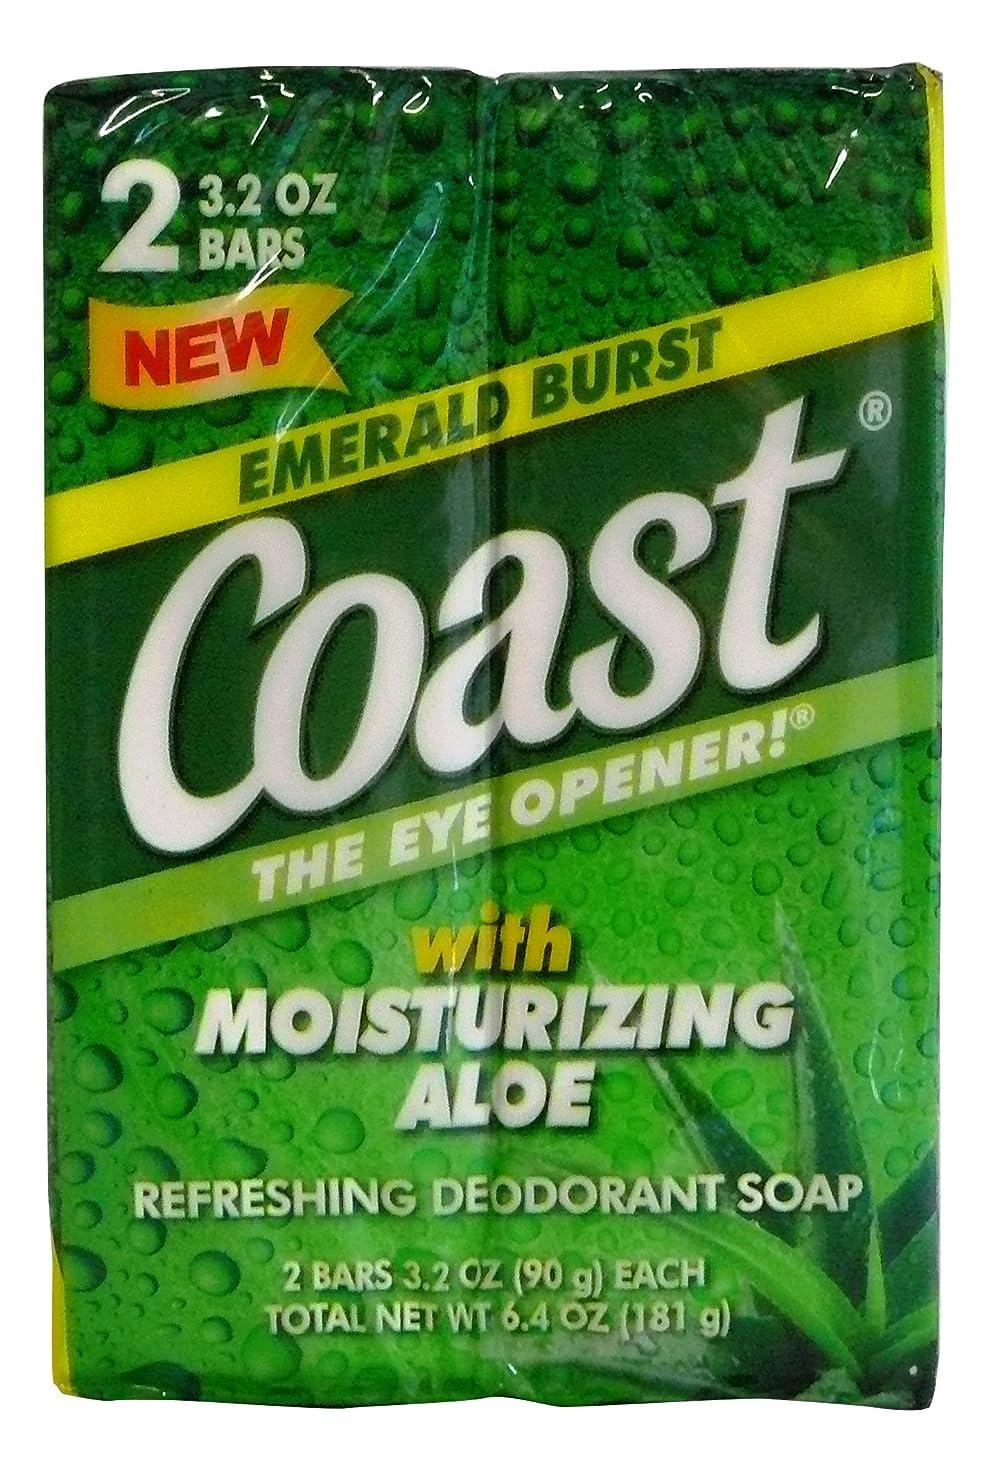 マインドトランザクションマットレスコースト 固形石鹸 エメラルドバースト 90g 2個入